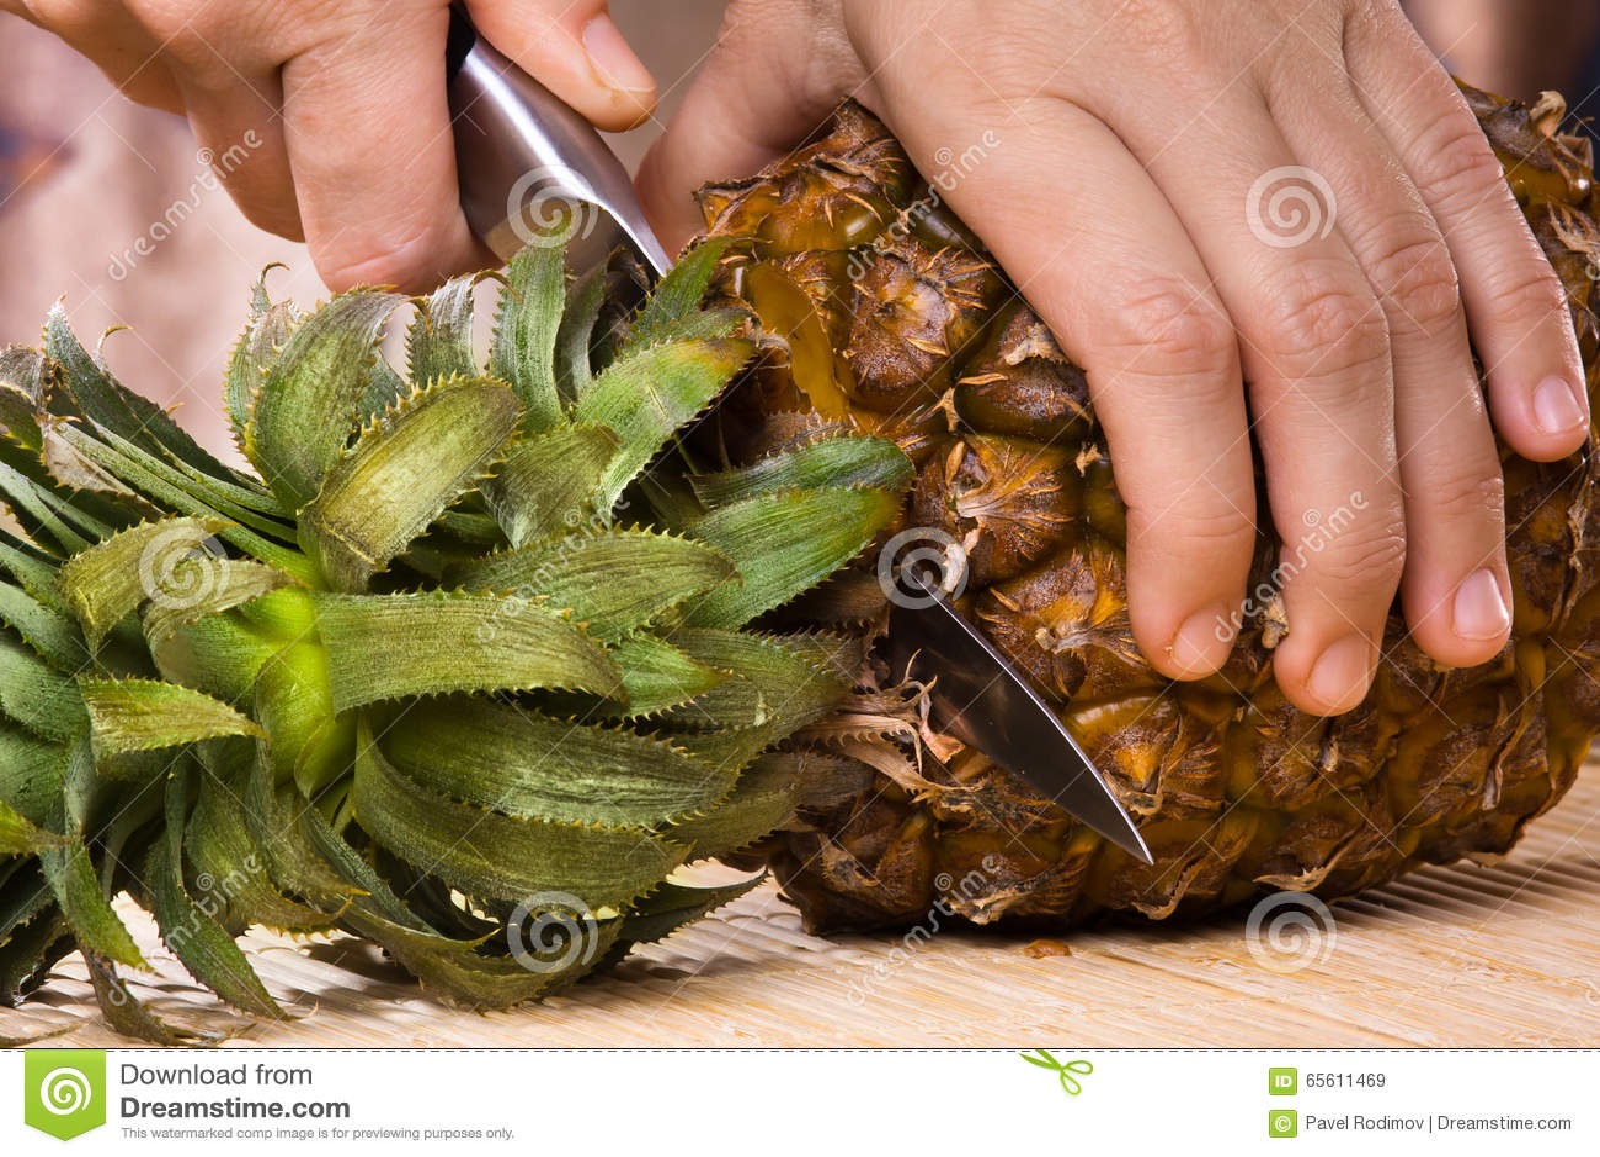 切了手的照片_切菠萝的手 库存照片 - 图片: 65611469